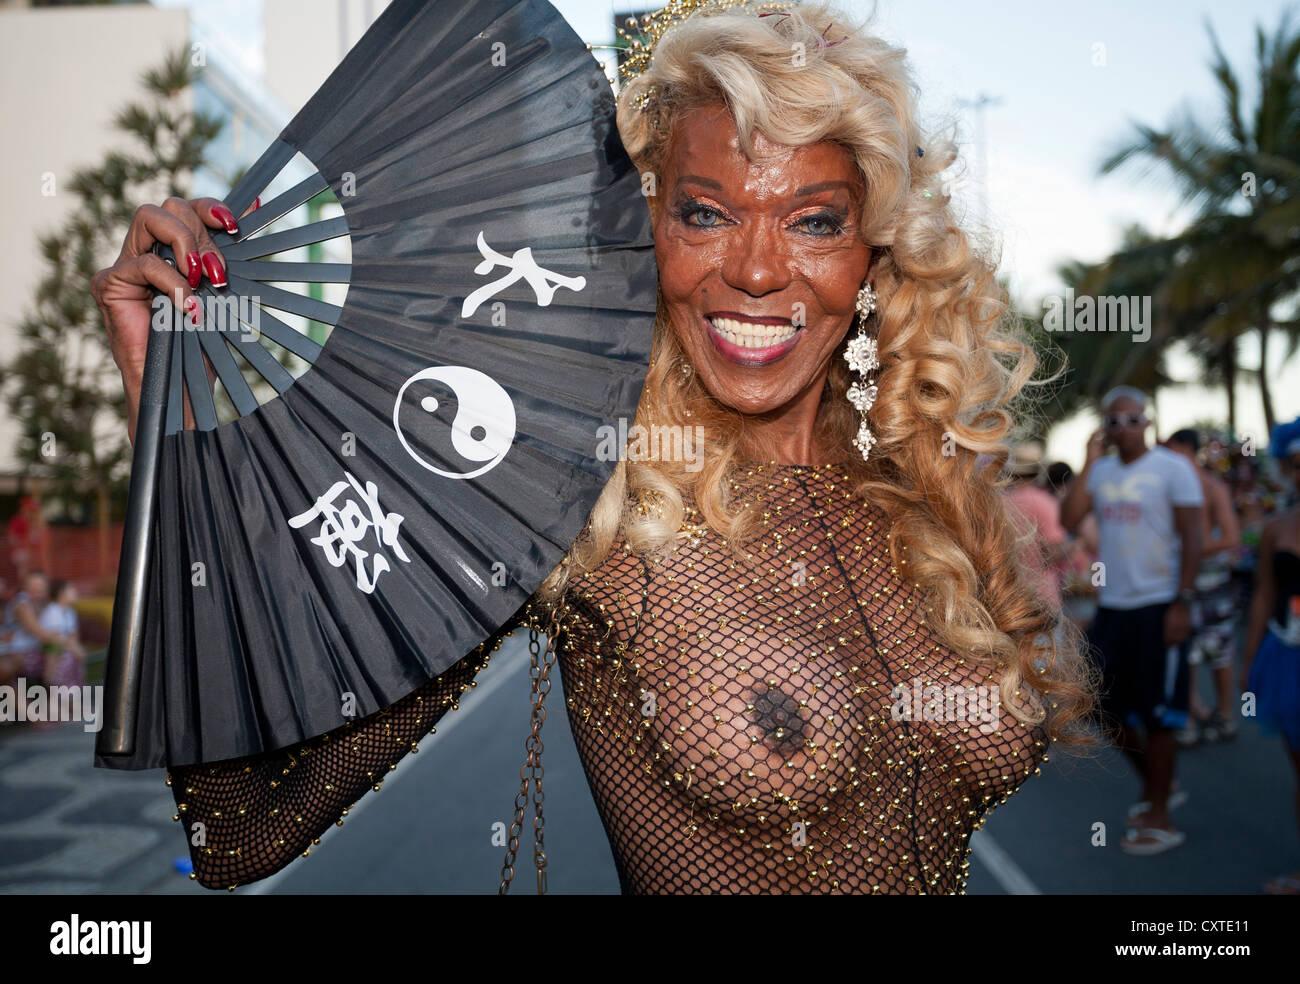 Banda de Ipanema Carnival Rio de Janeiro Brazil - Stock Image